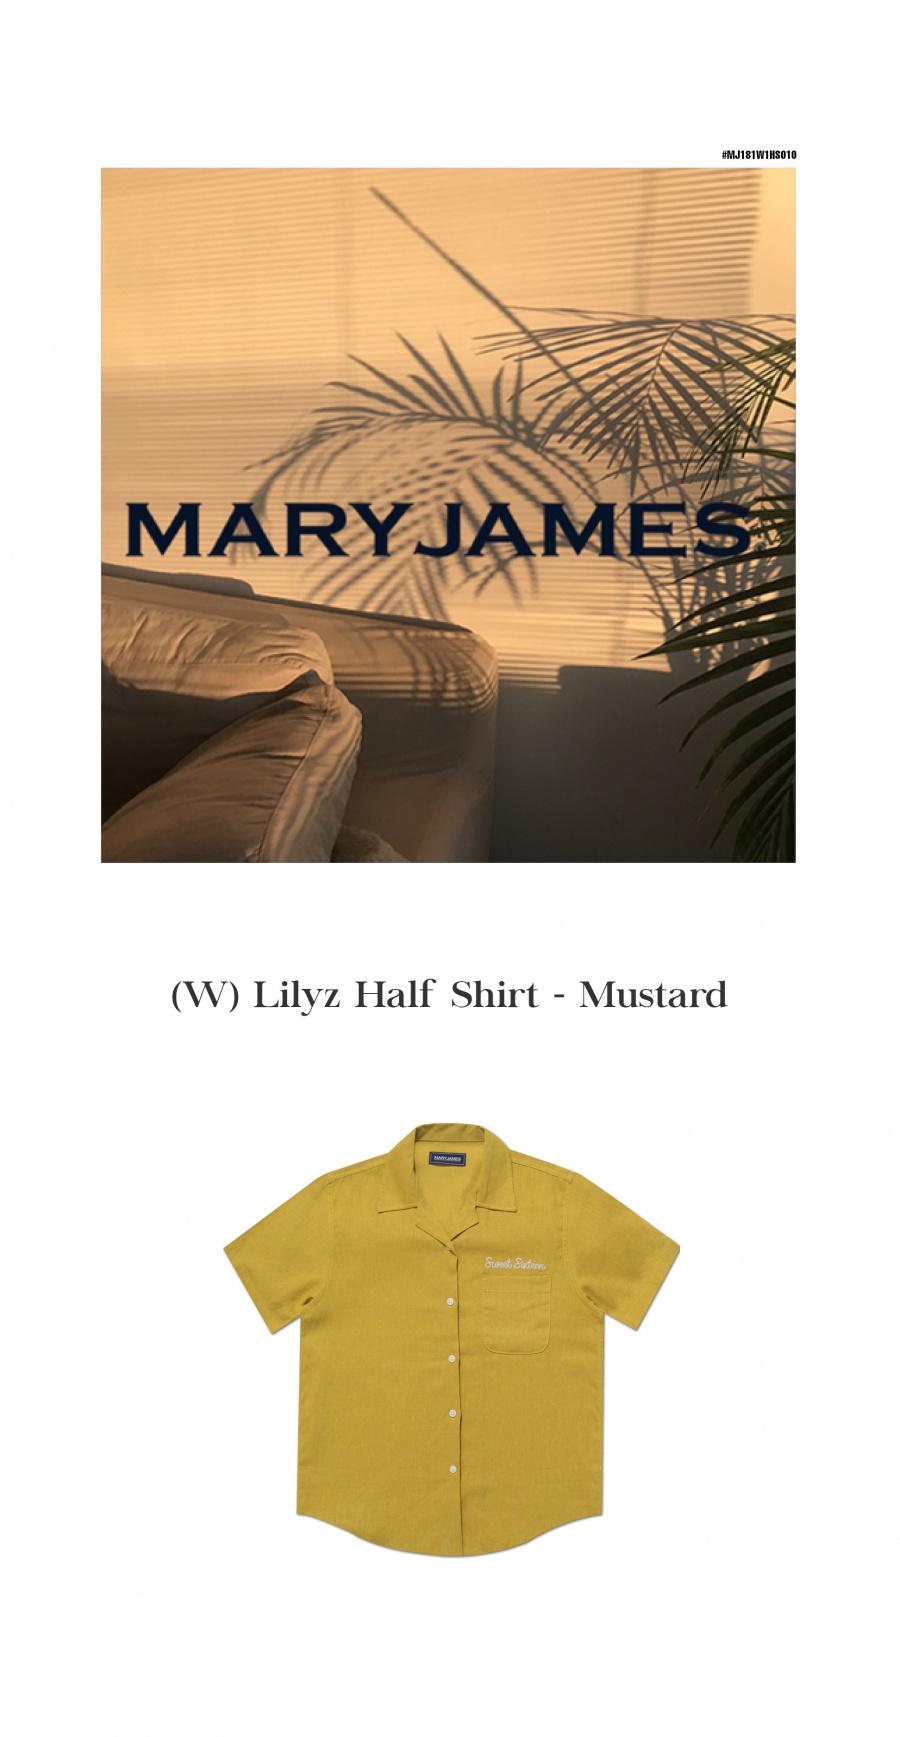 메리제임스(MARYJAMES) (W) Lilyz Half Shirt - Mustard